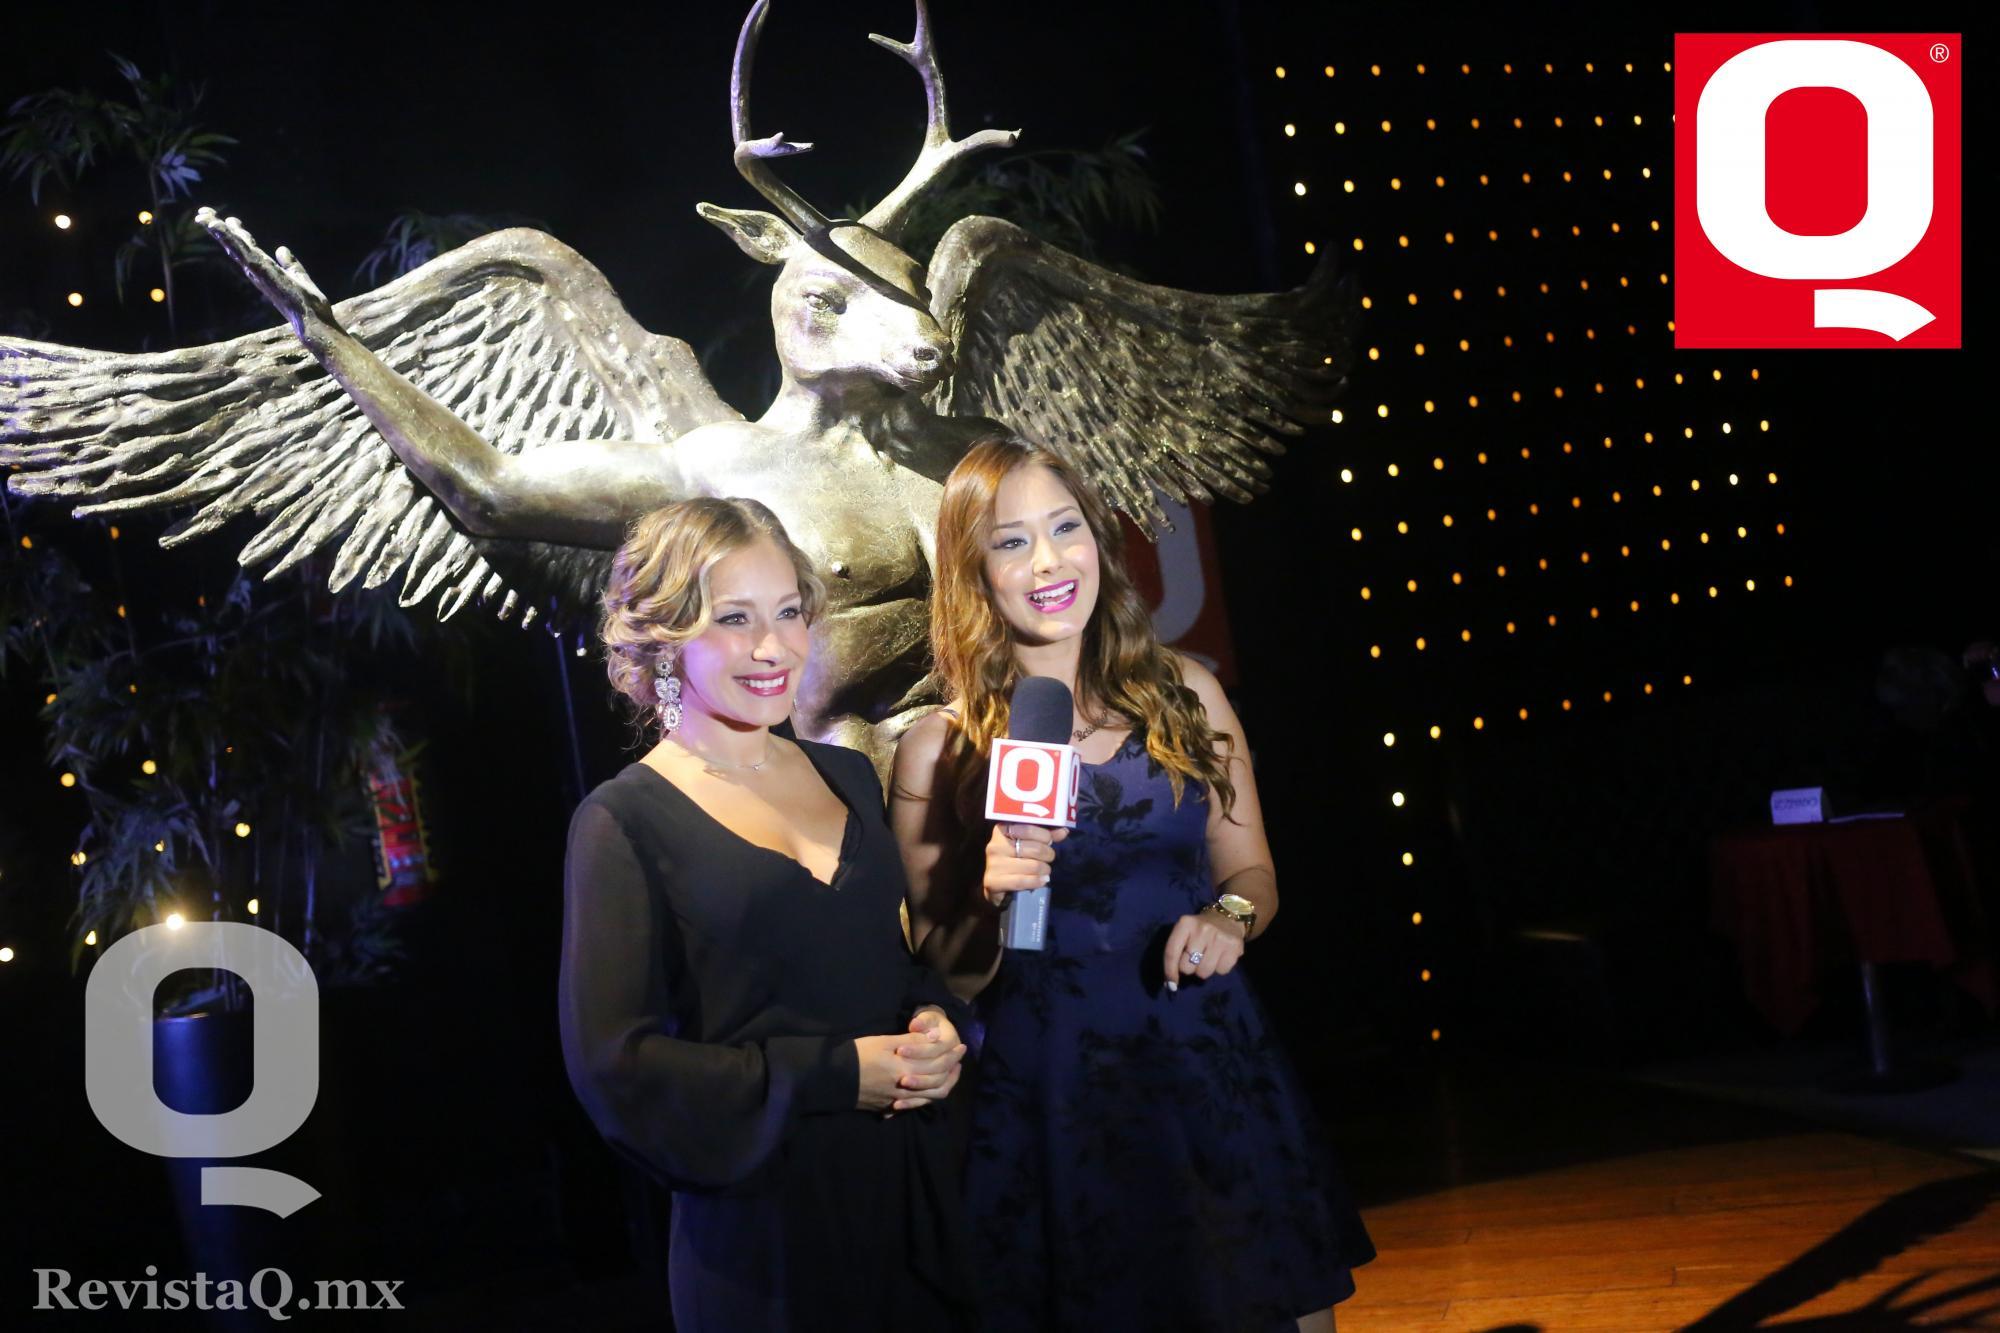 A Gabriela Carrillo entrevistada en los Premios de la Revista Q para QTv